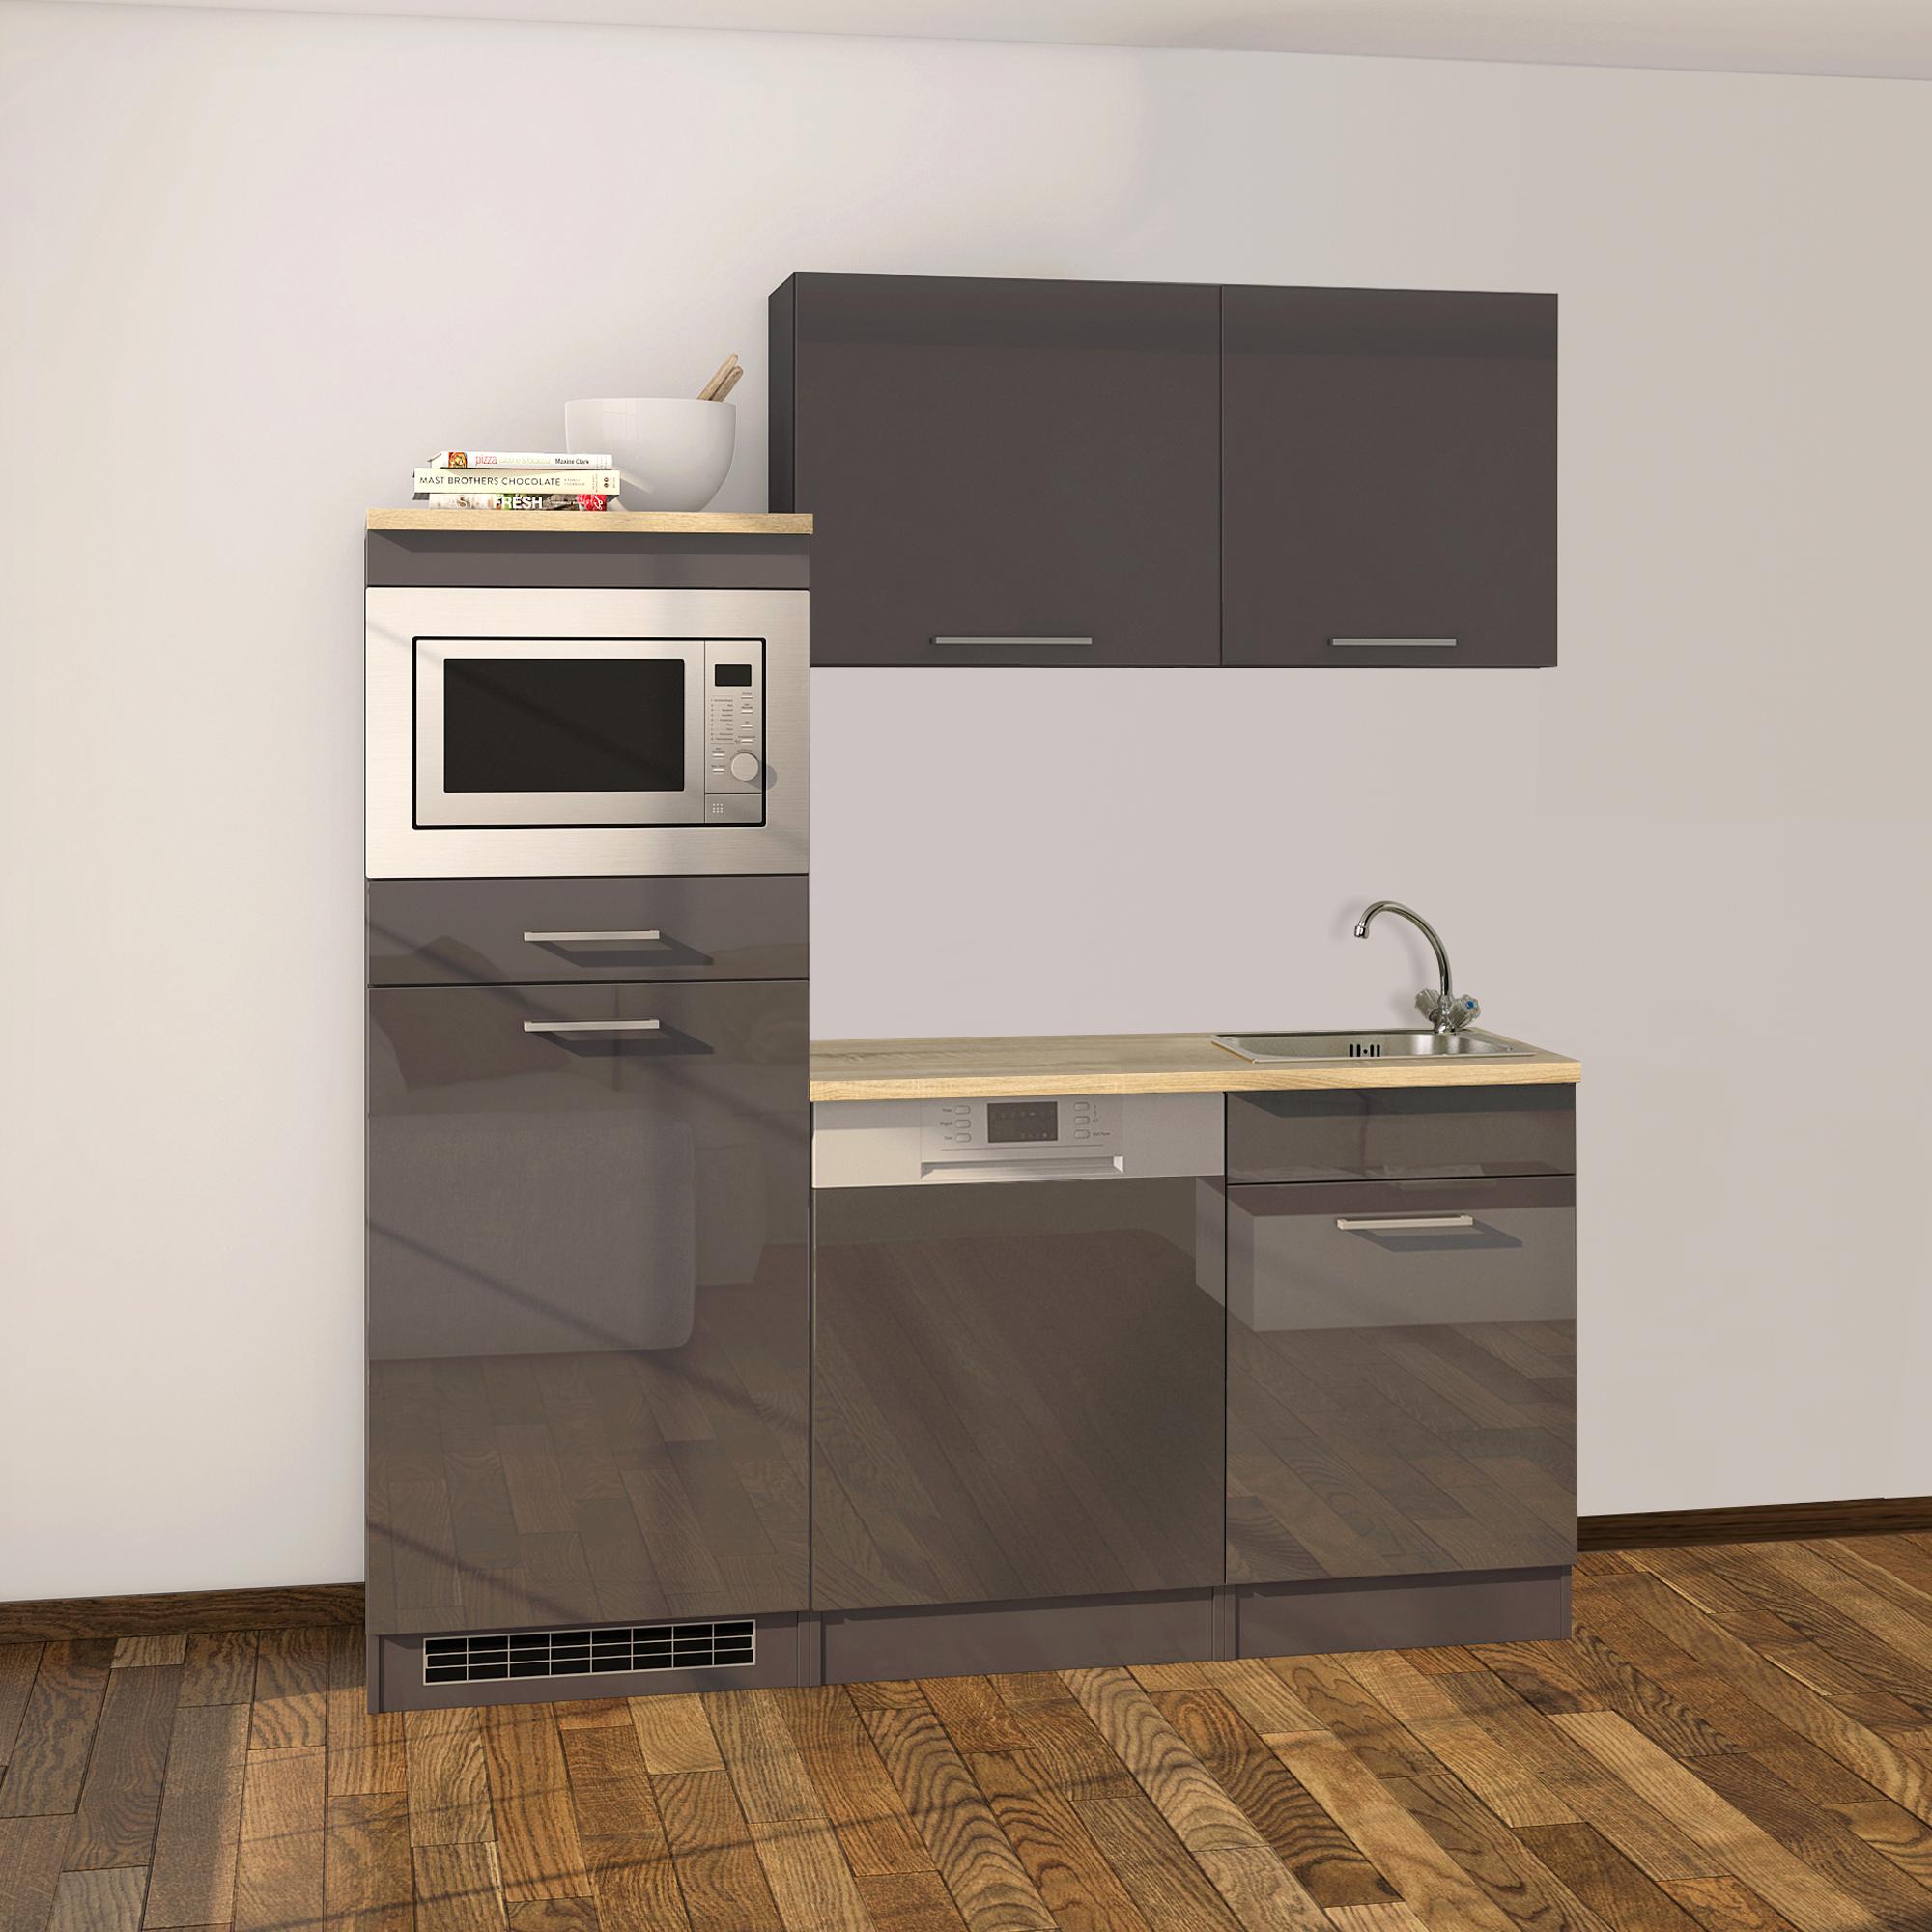 Full Size of Hygienevorschriften Büro Küche Büro Küche Abschreibung Pinterest Büroküche Büroküche Edelstahl Küche Büroküche